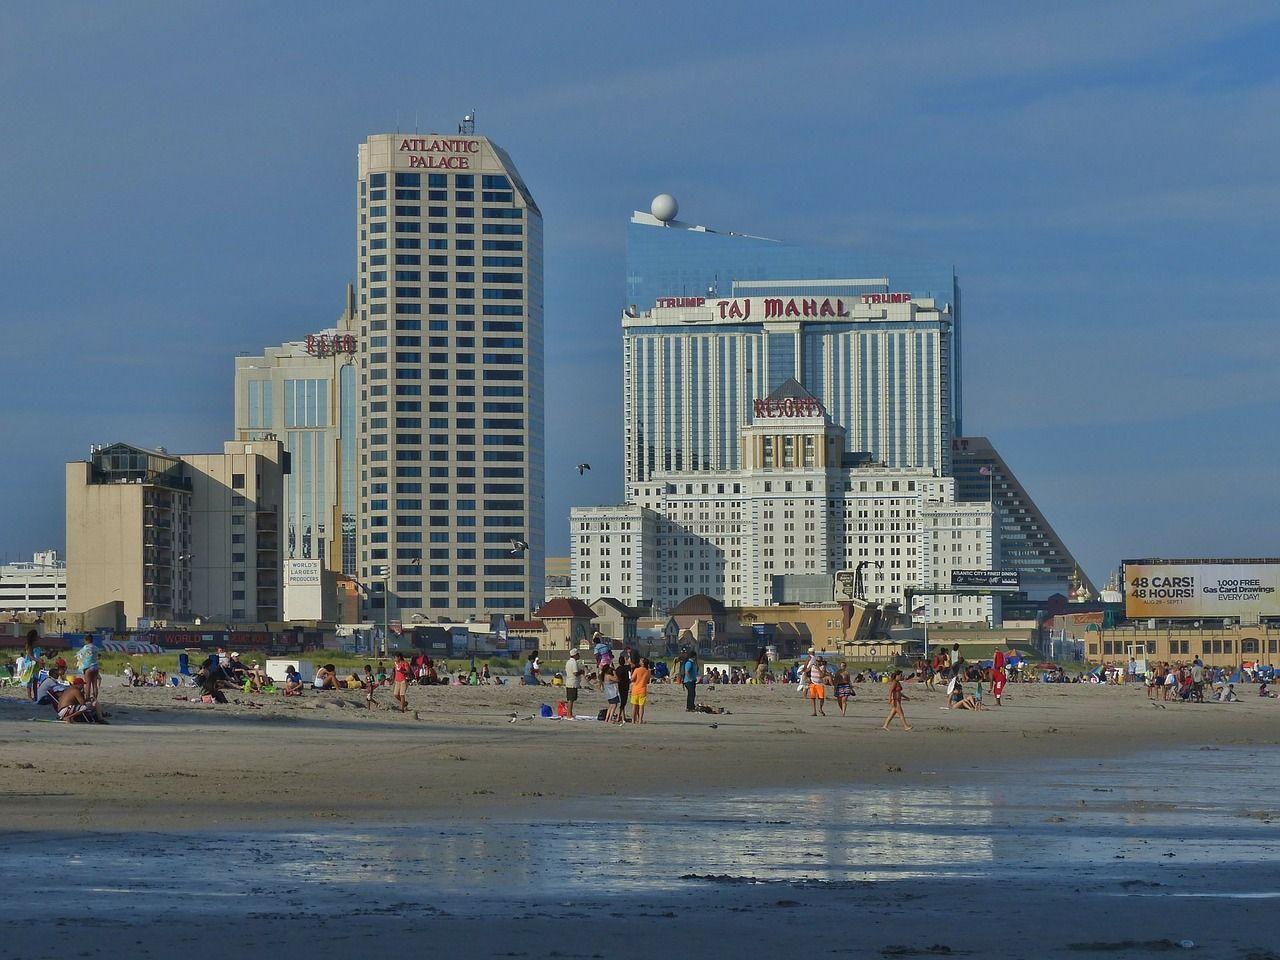 Vacation Atlantic City Ocean Beach Hotel Vacation Atlantic City Ocean Beach Hotel Atlantic City Free Family Fun City